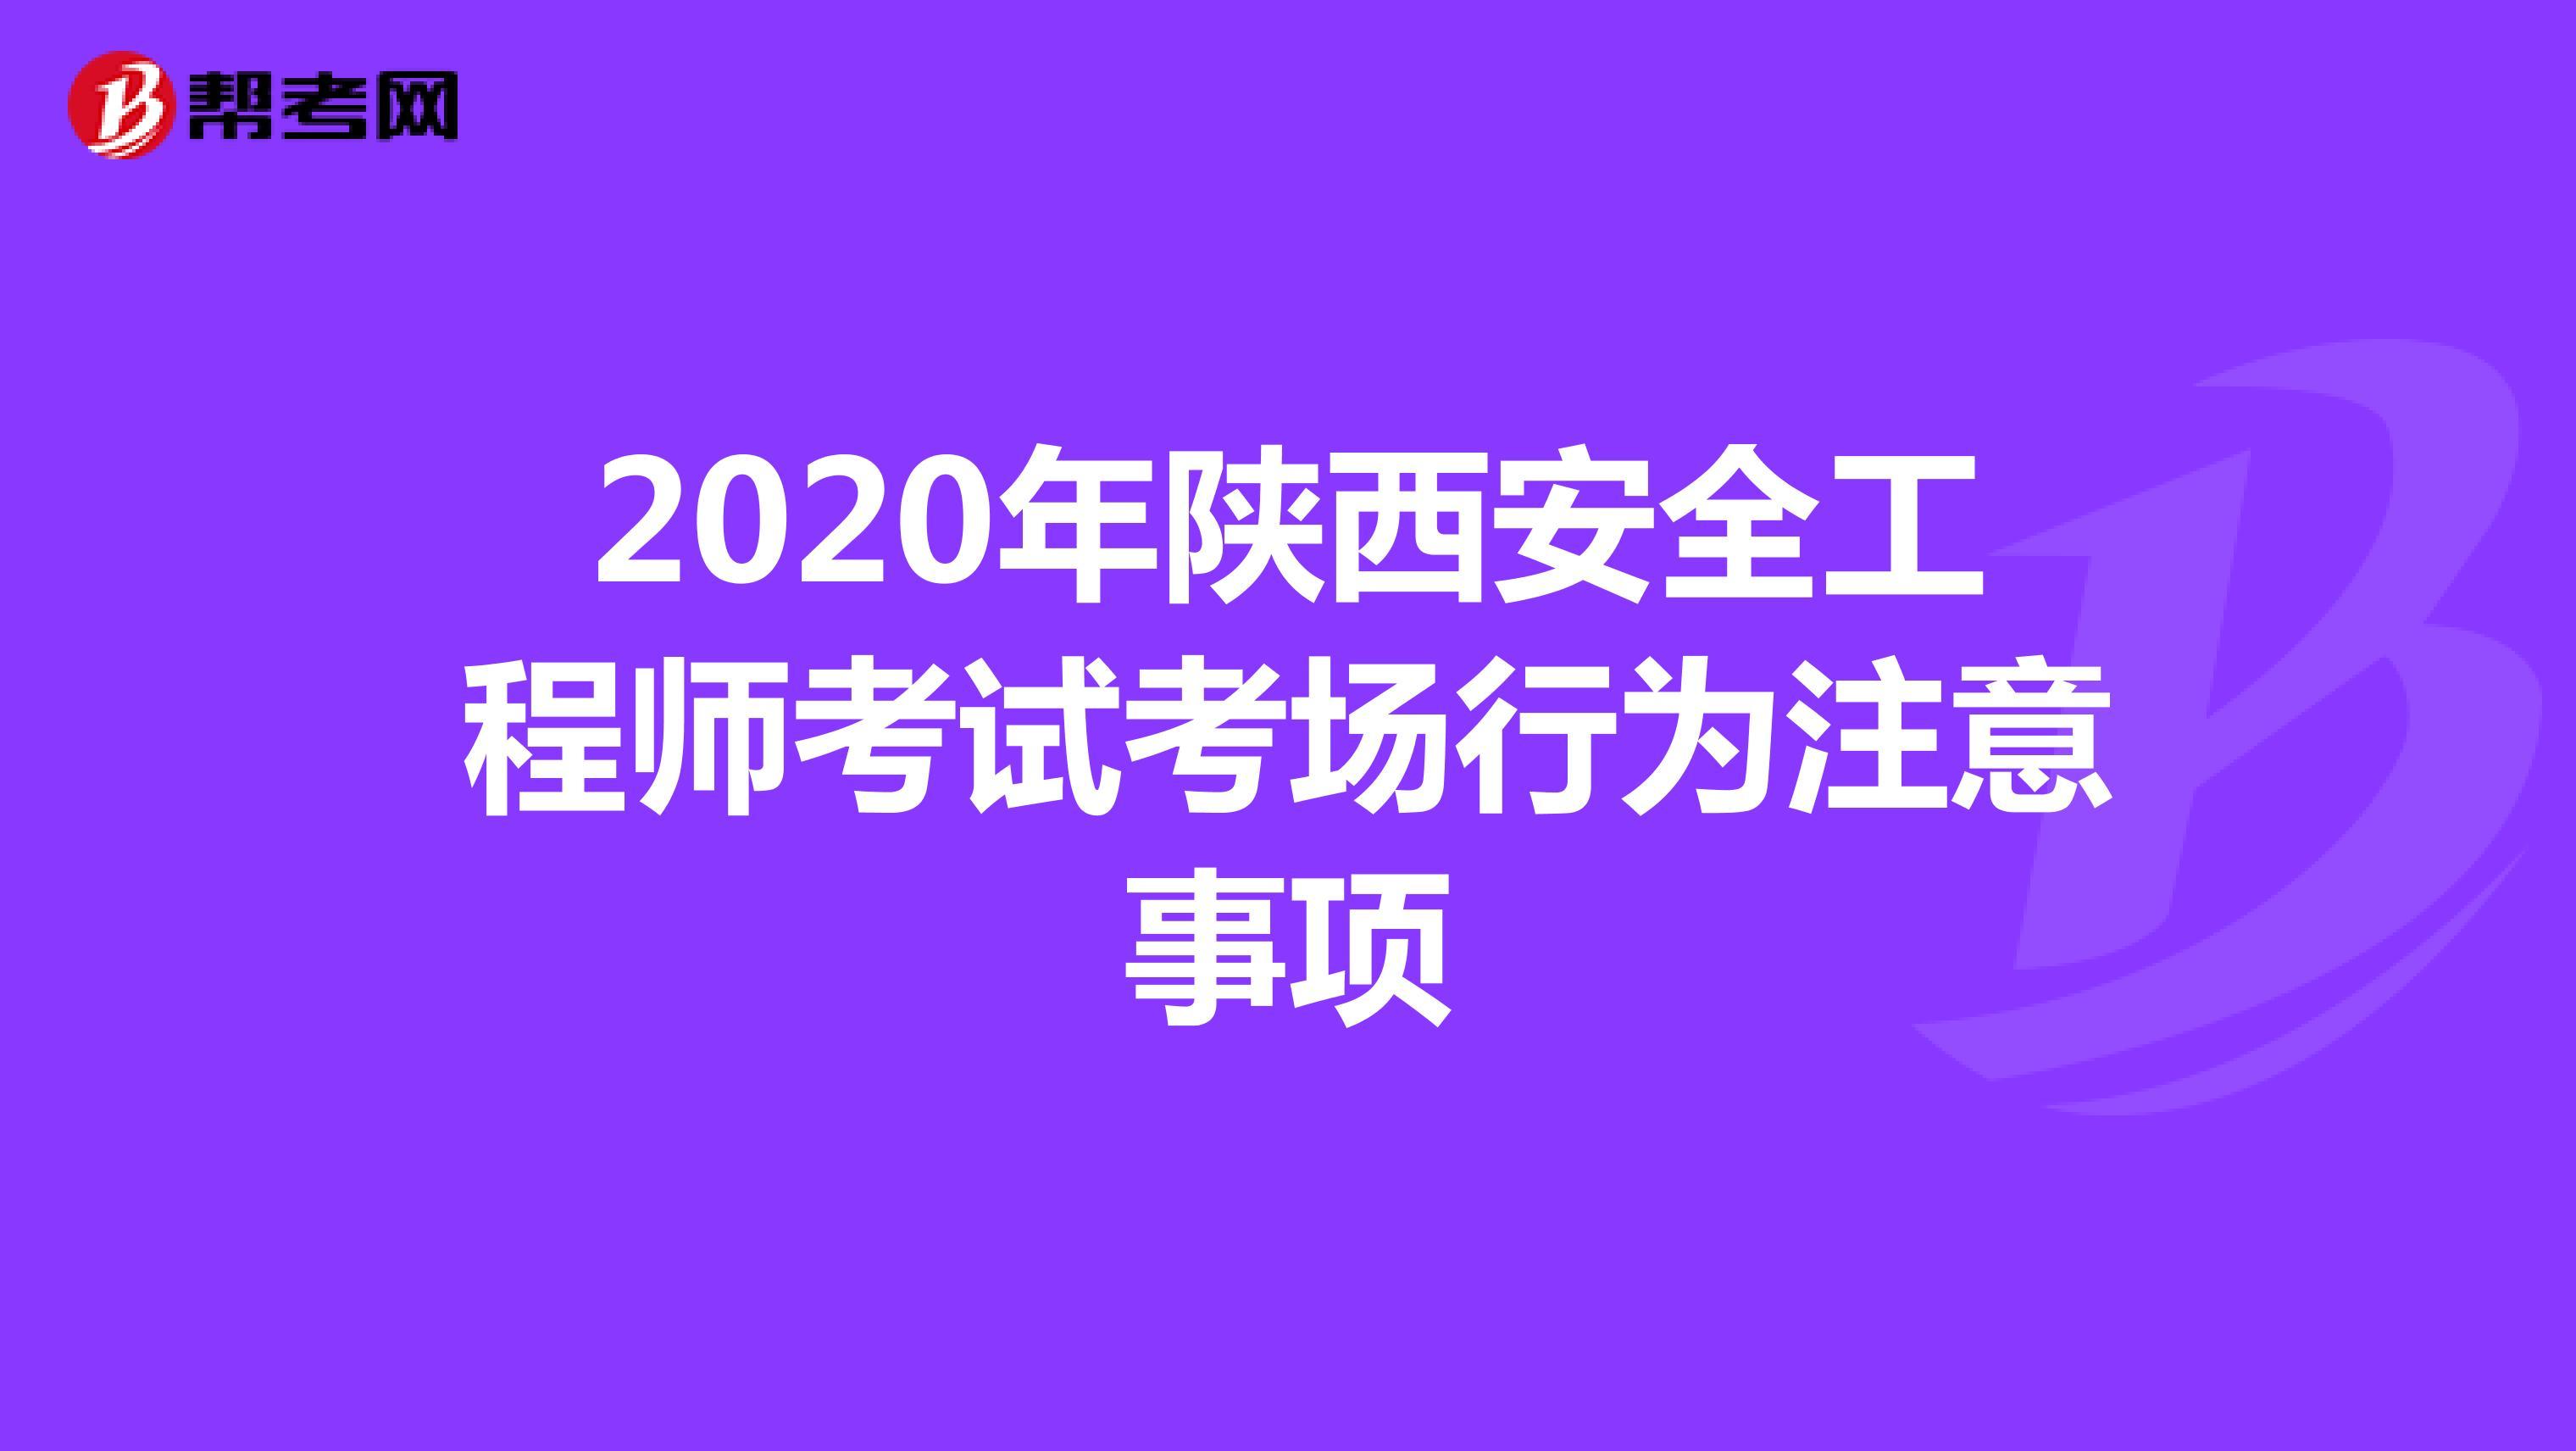 2020年陕西安全工程师考试考场行为注意事项